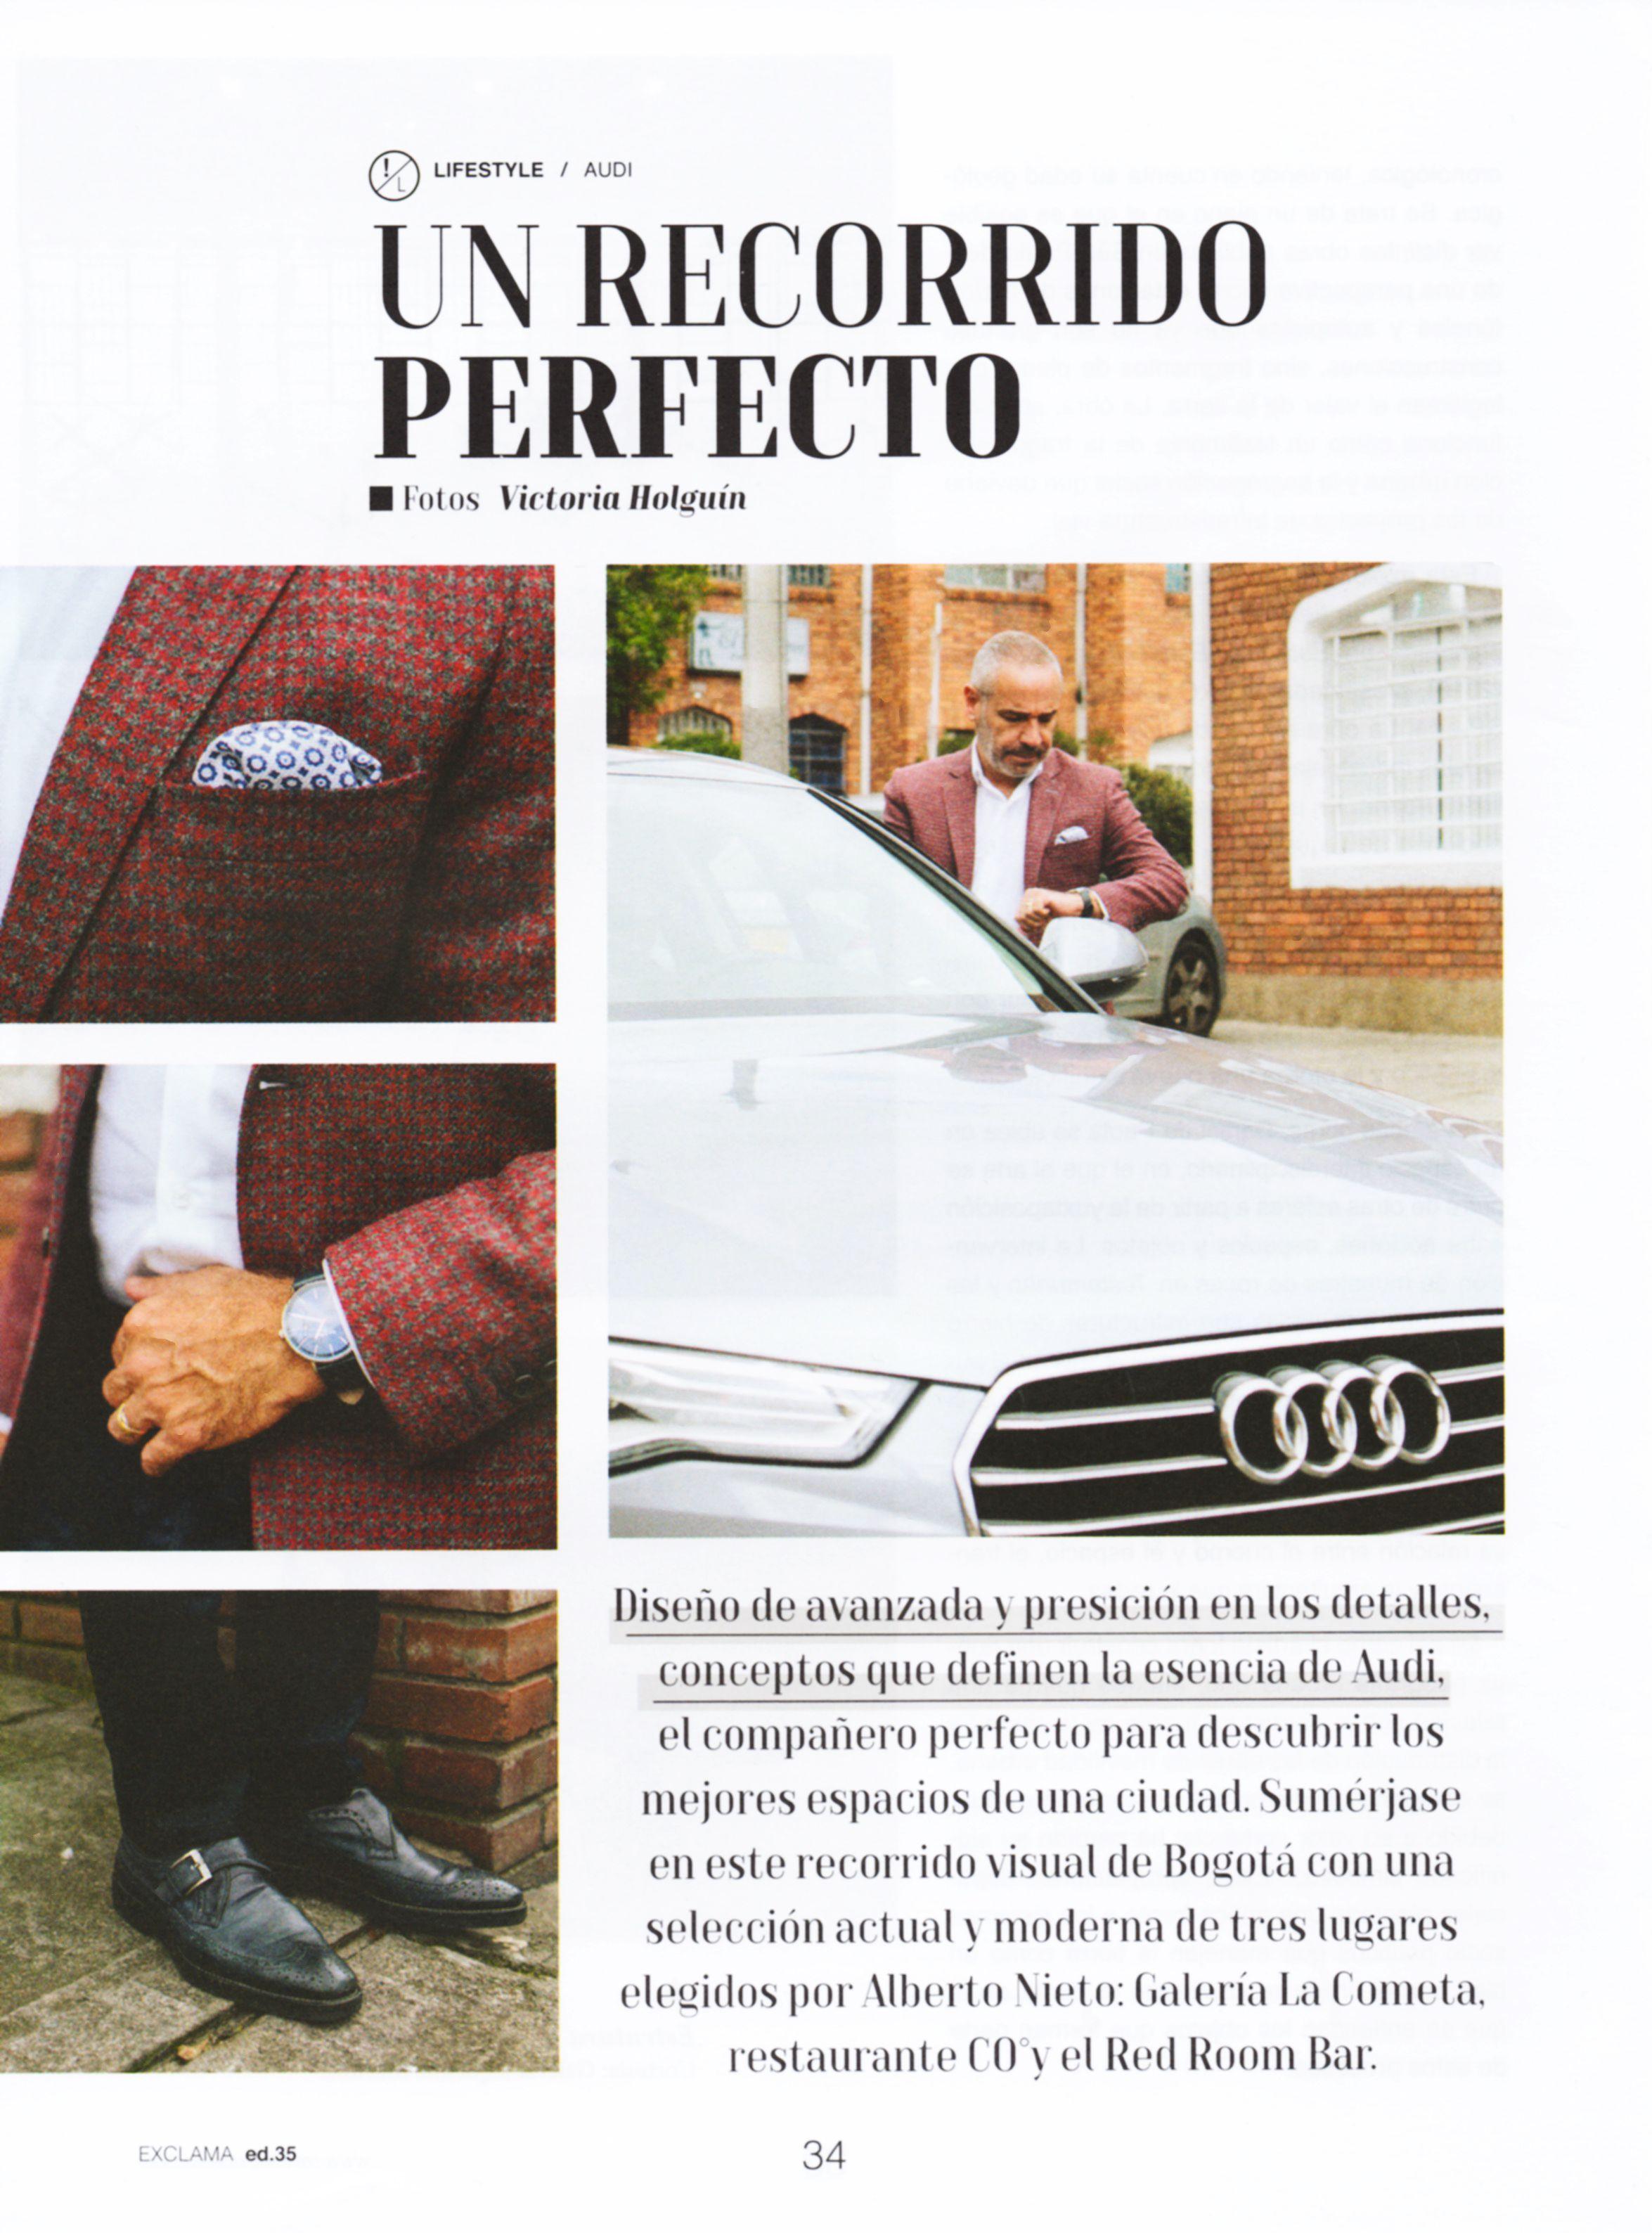 Recorrido perfecto con Alberto Nieto